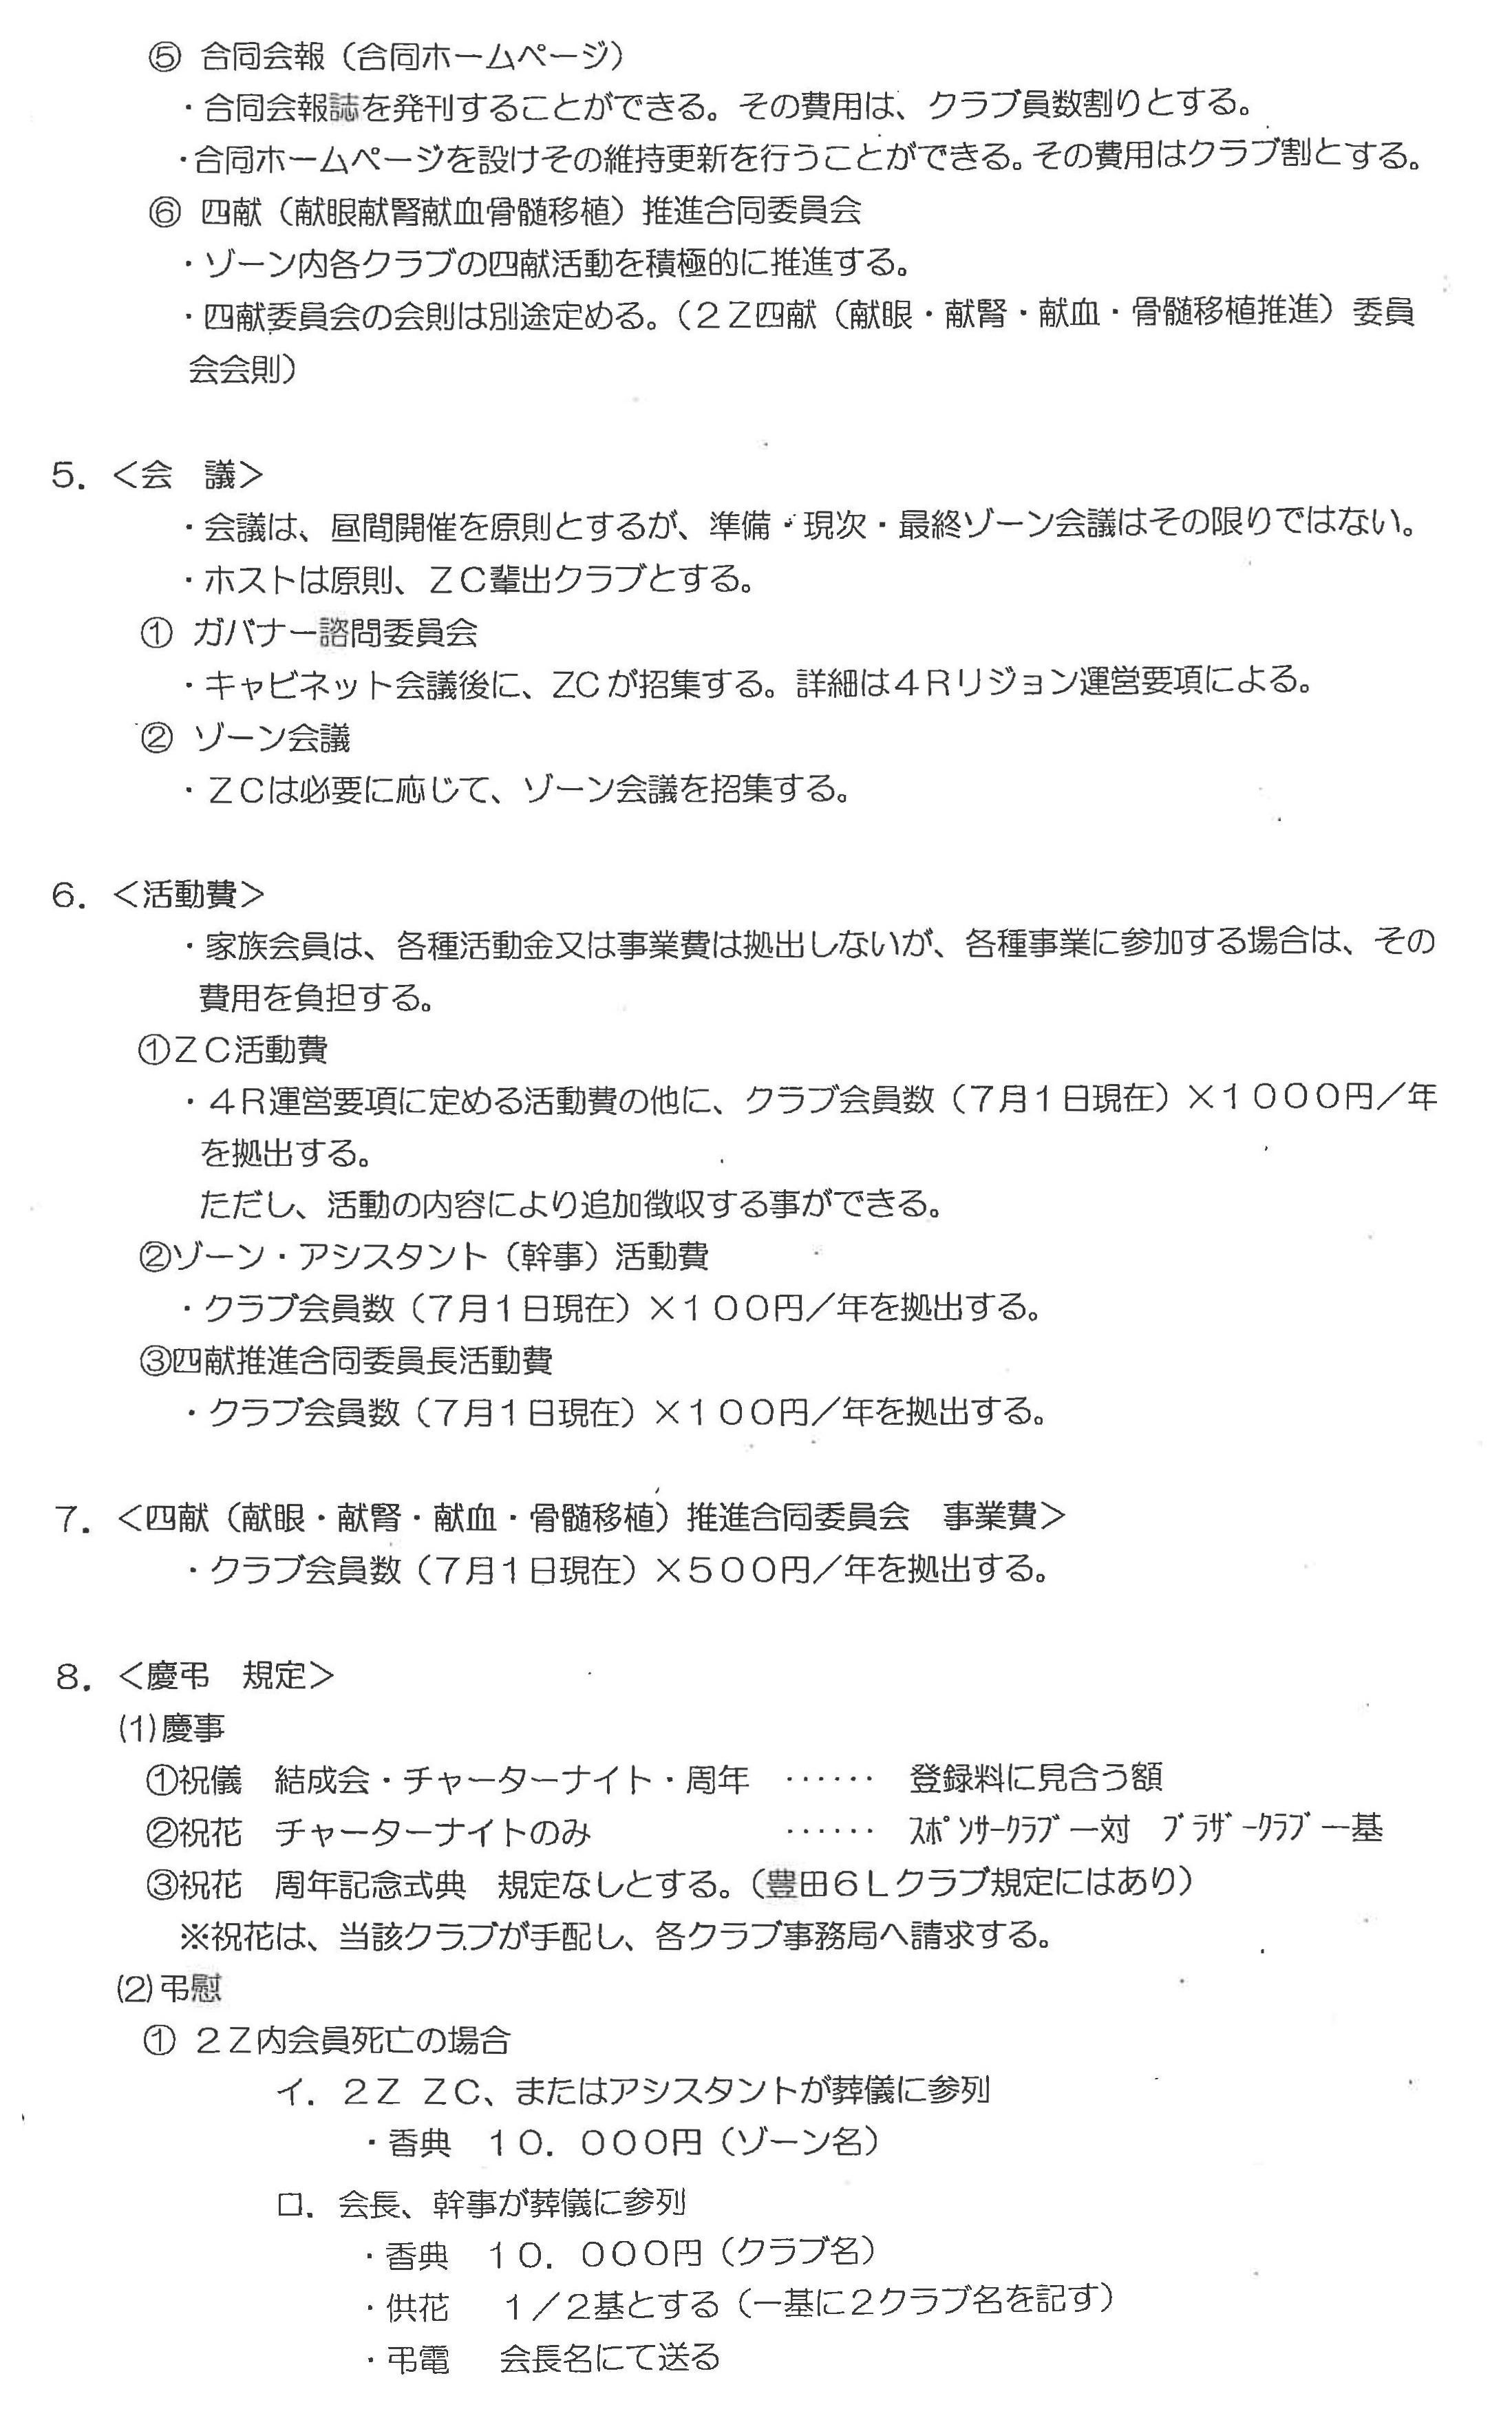 14準備四献会議資料 2Z 運営要項(申し合わせ事項)1